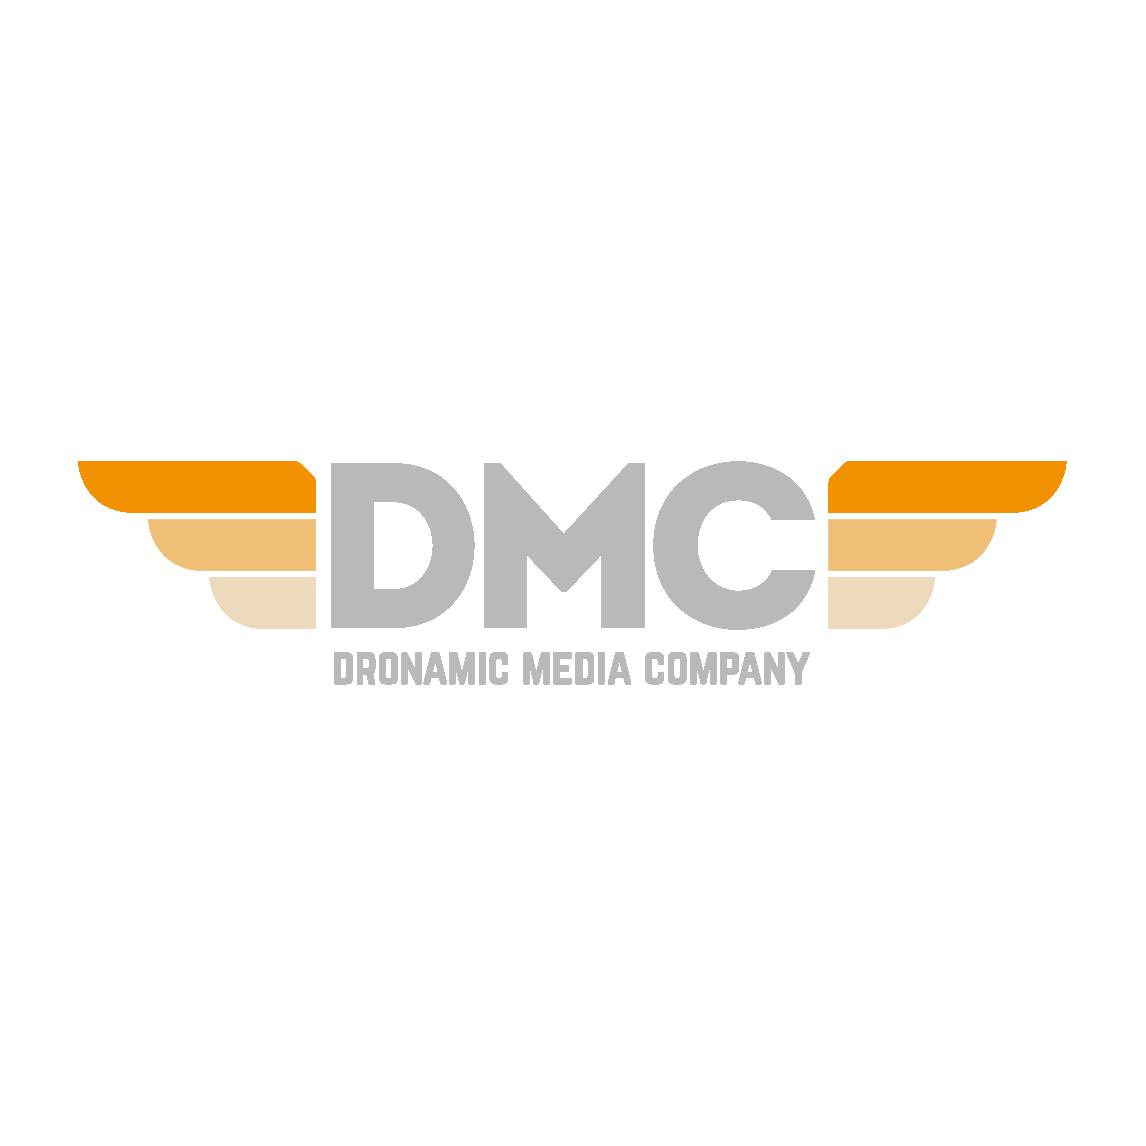 dmc-01.png